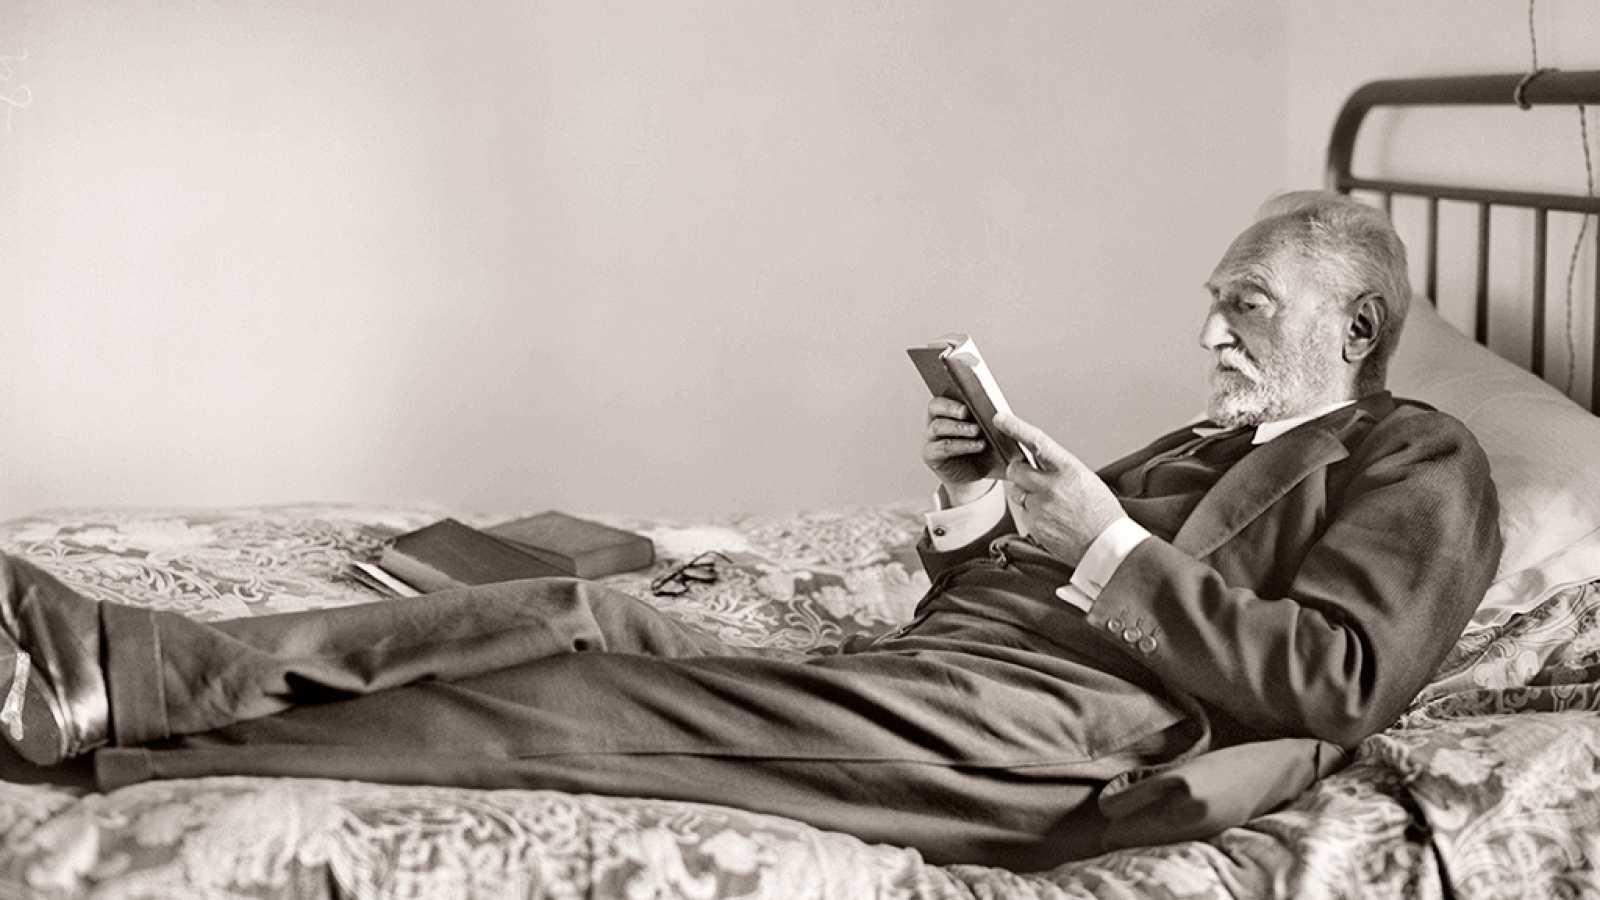 Imprescindibles - Unamuno, el pensador apasionado - ver ahora